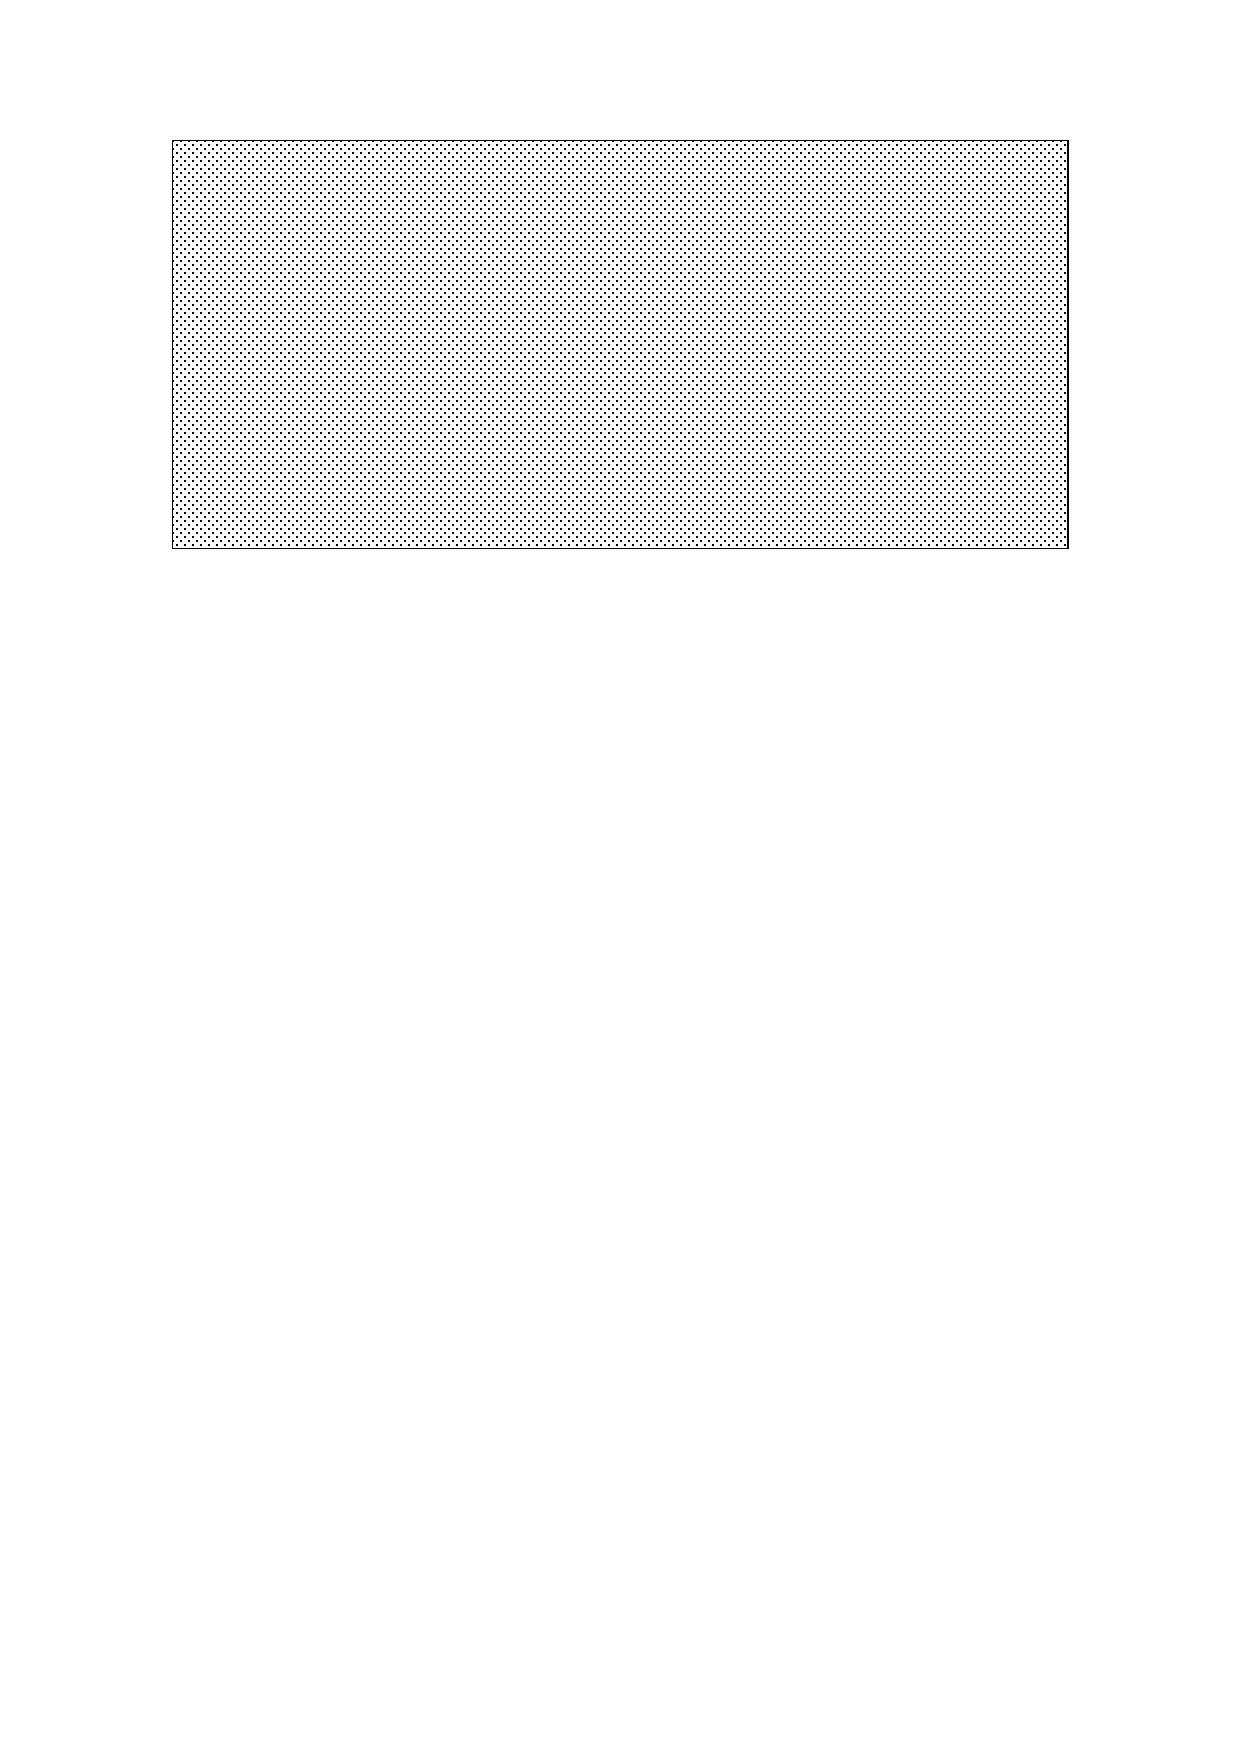 H-MS1107 Даташит, Описание, Даташиты